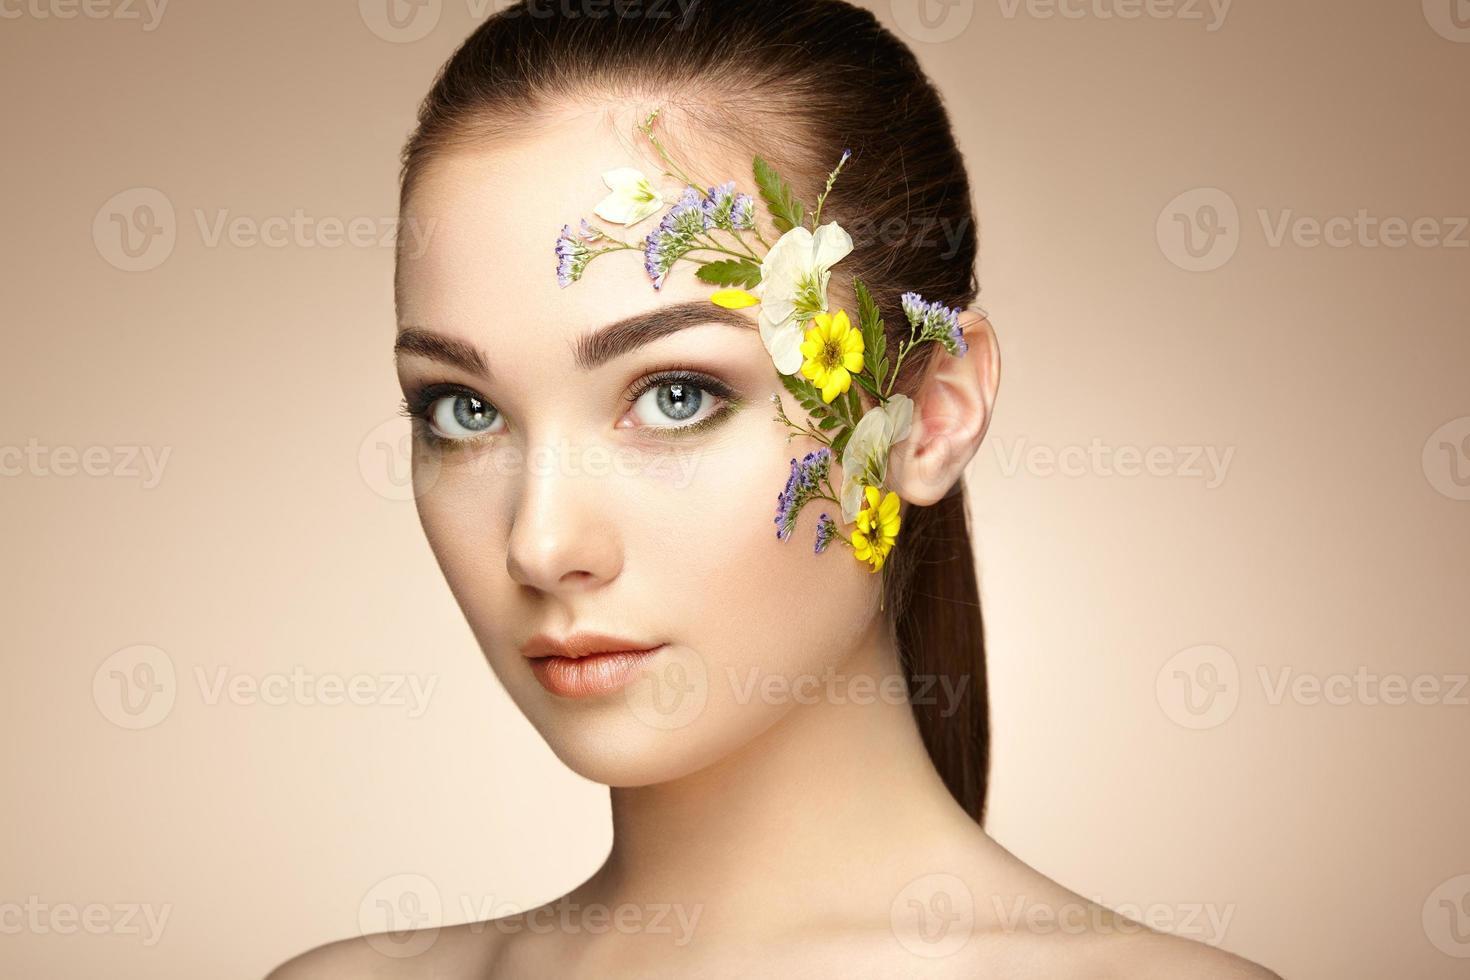 visage de belle femme décorée de fleurs photo